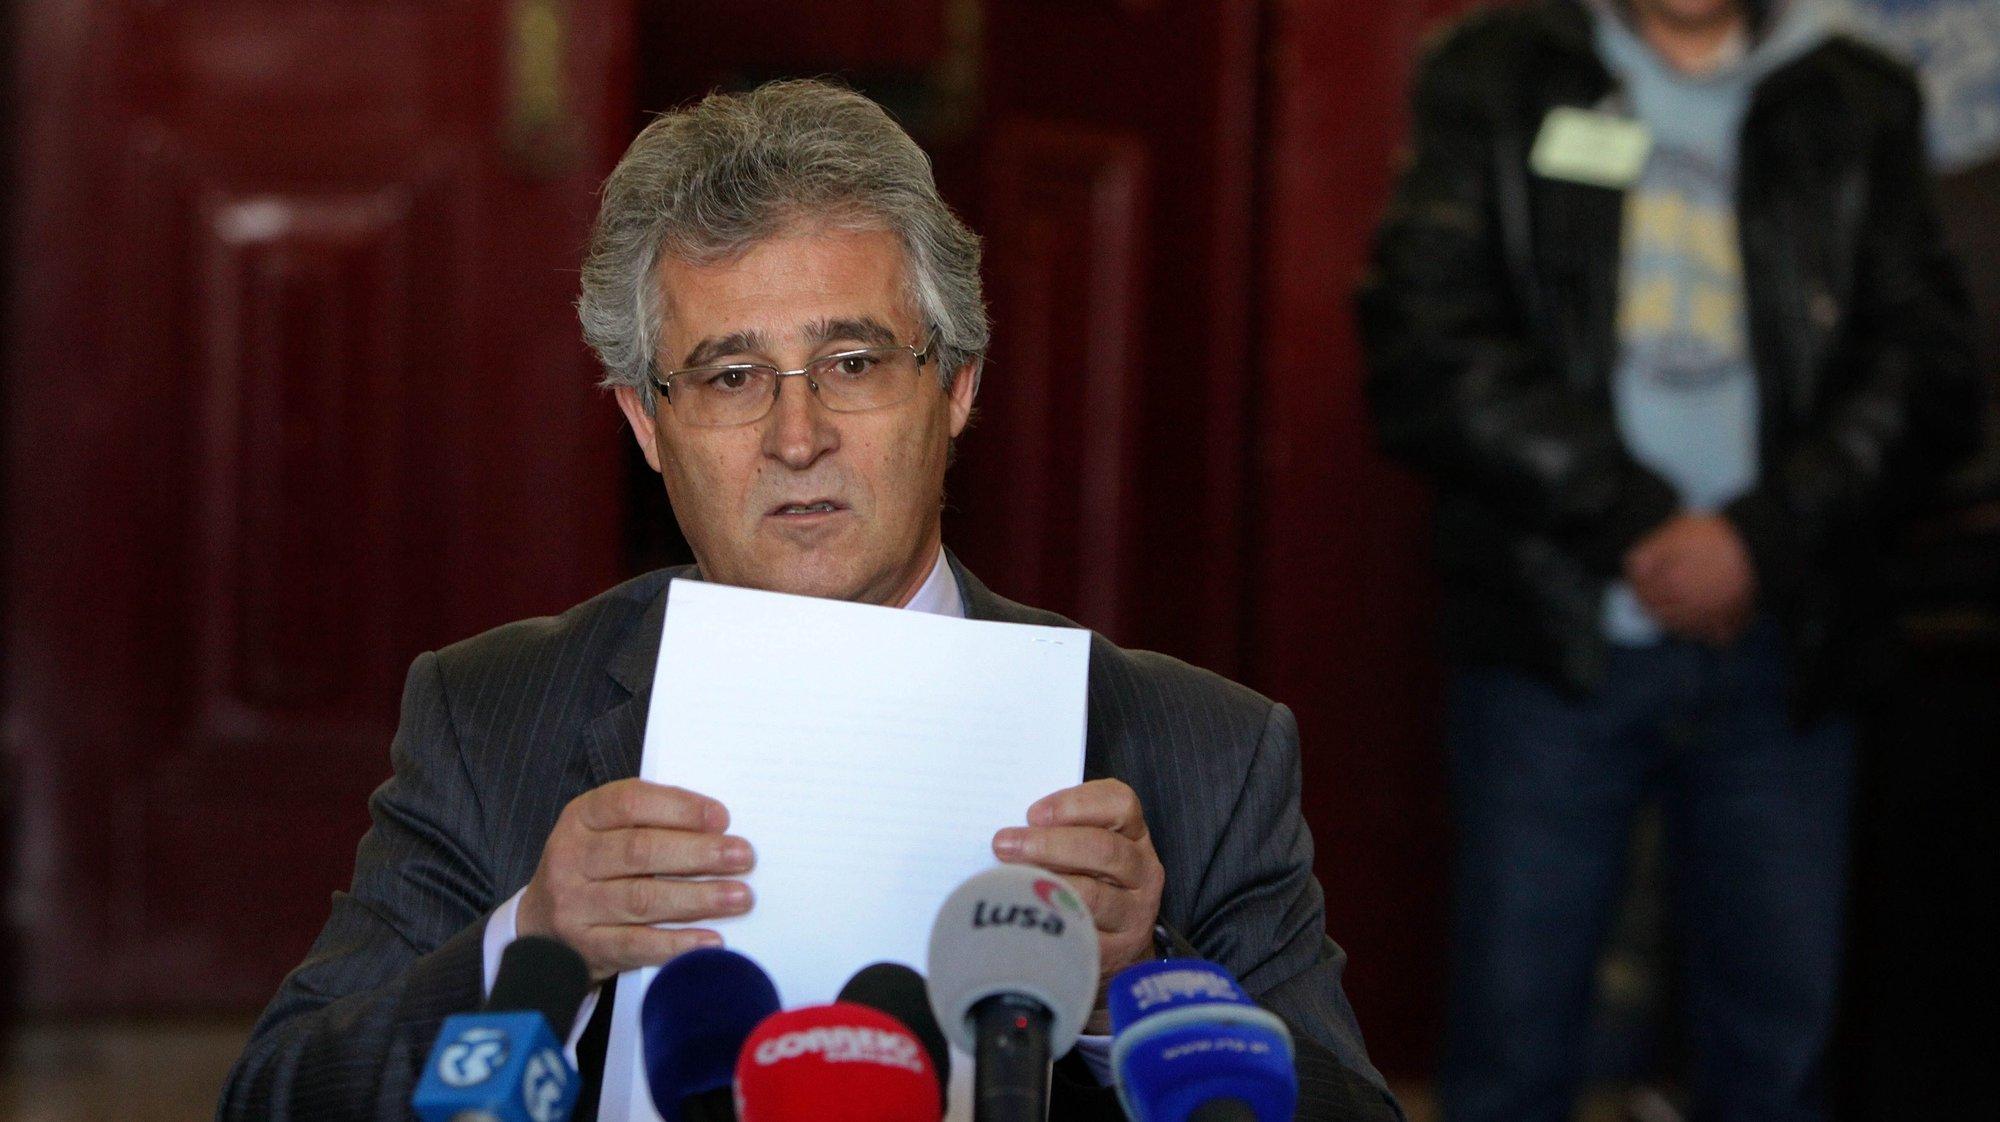 O Presidente do Tribunal da Relação de Lisboa,  Luis Maria Vaz das Neves, durante a  leitura da sentença sobre o processo Csa Pia, 23 fevereiro 2012, em Lisboa.  MANUEL DE ALMEIDA / LUSA